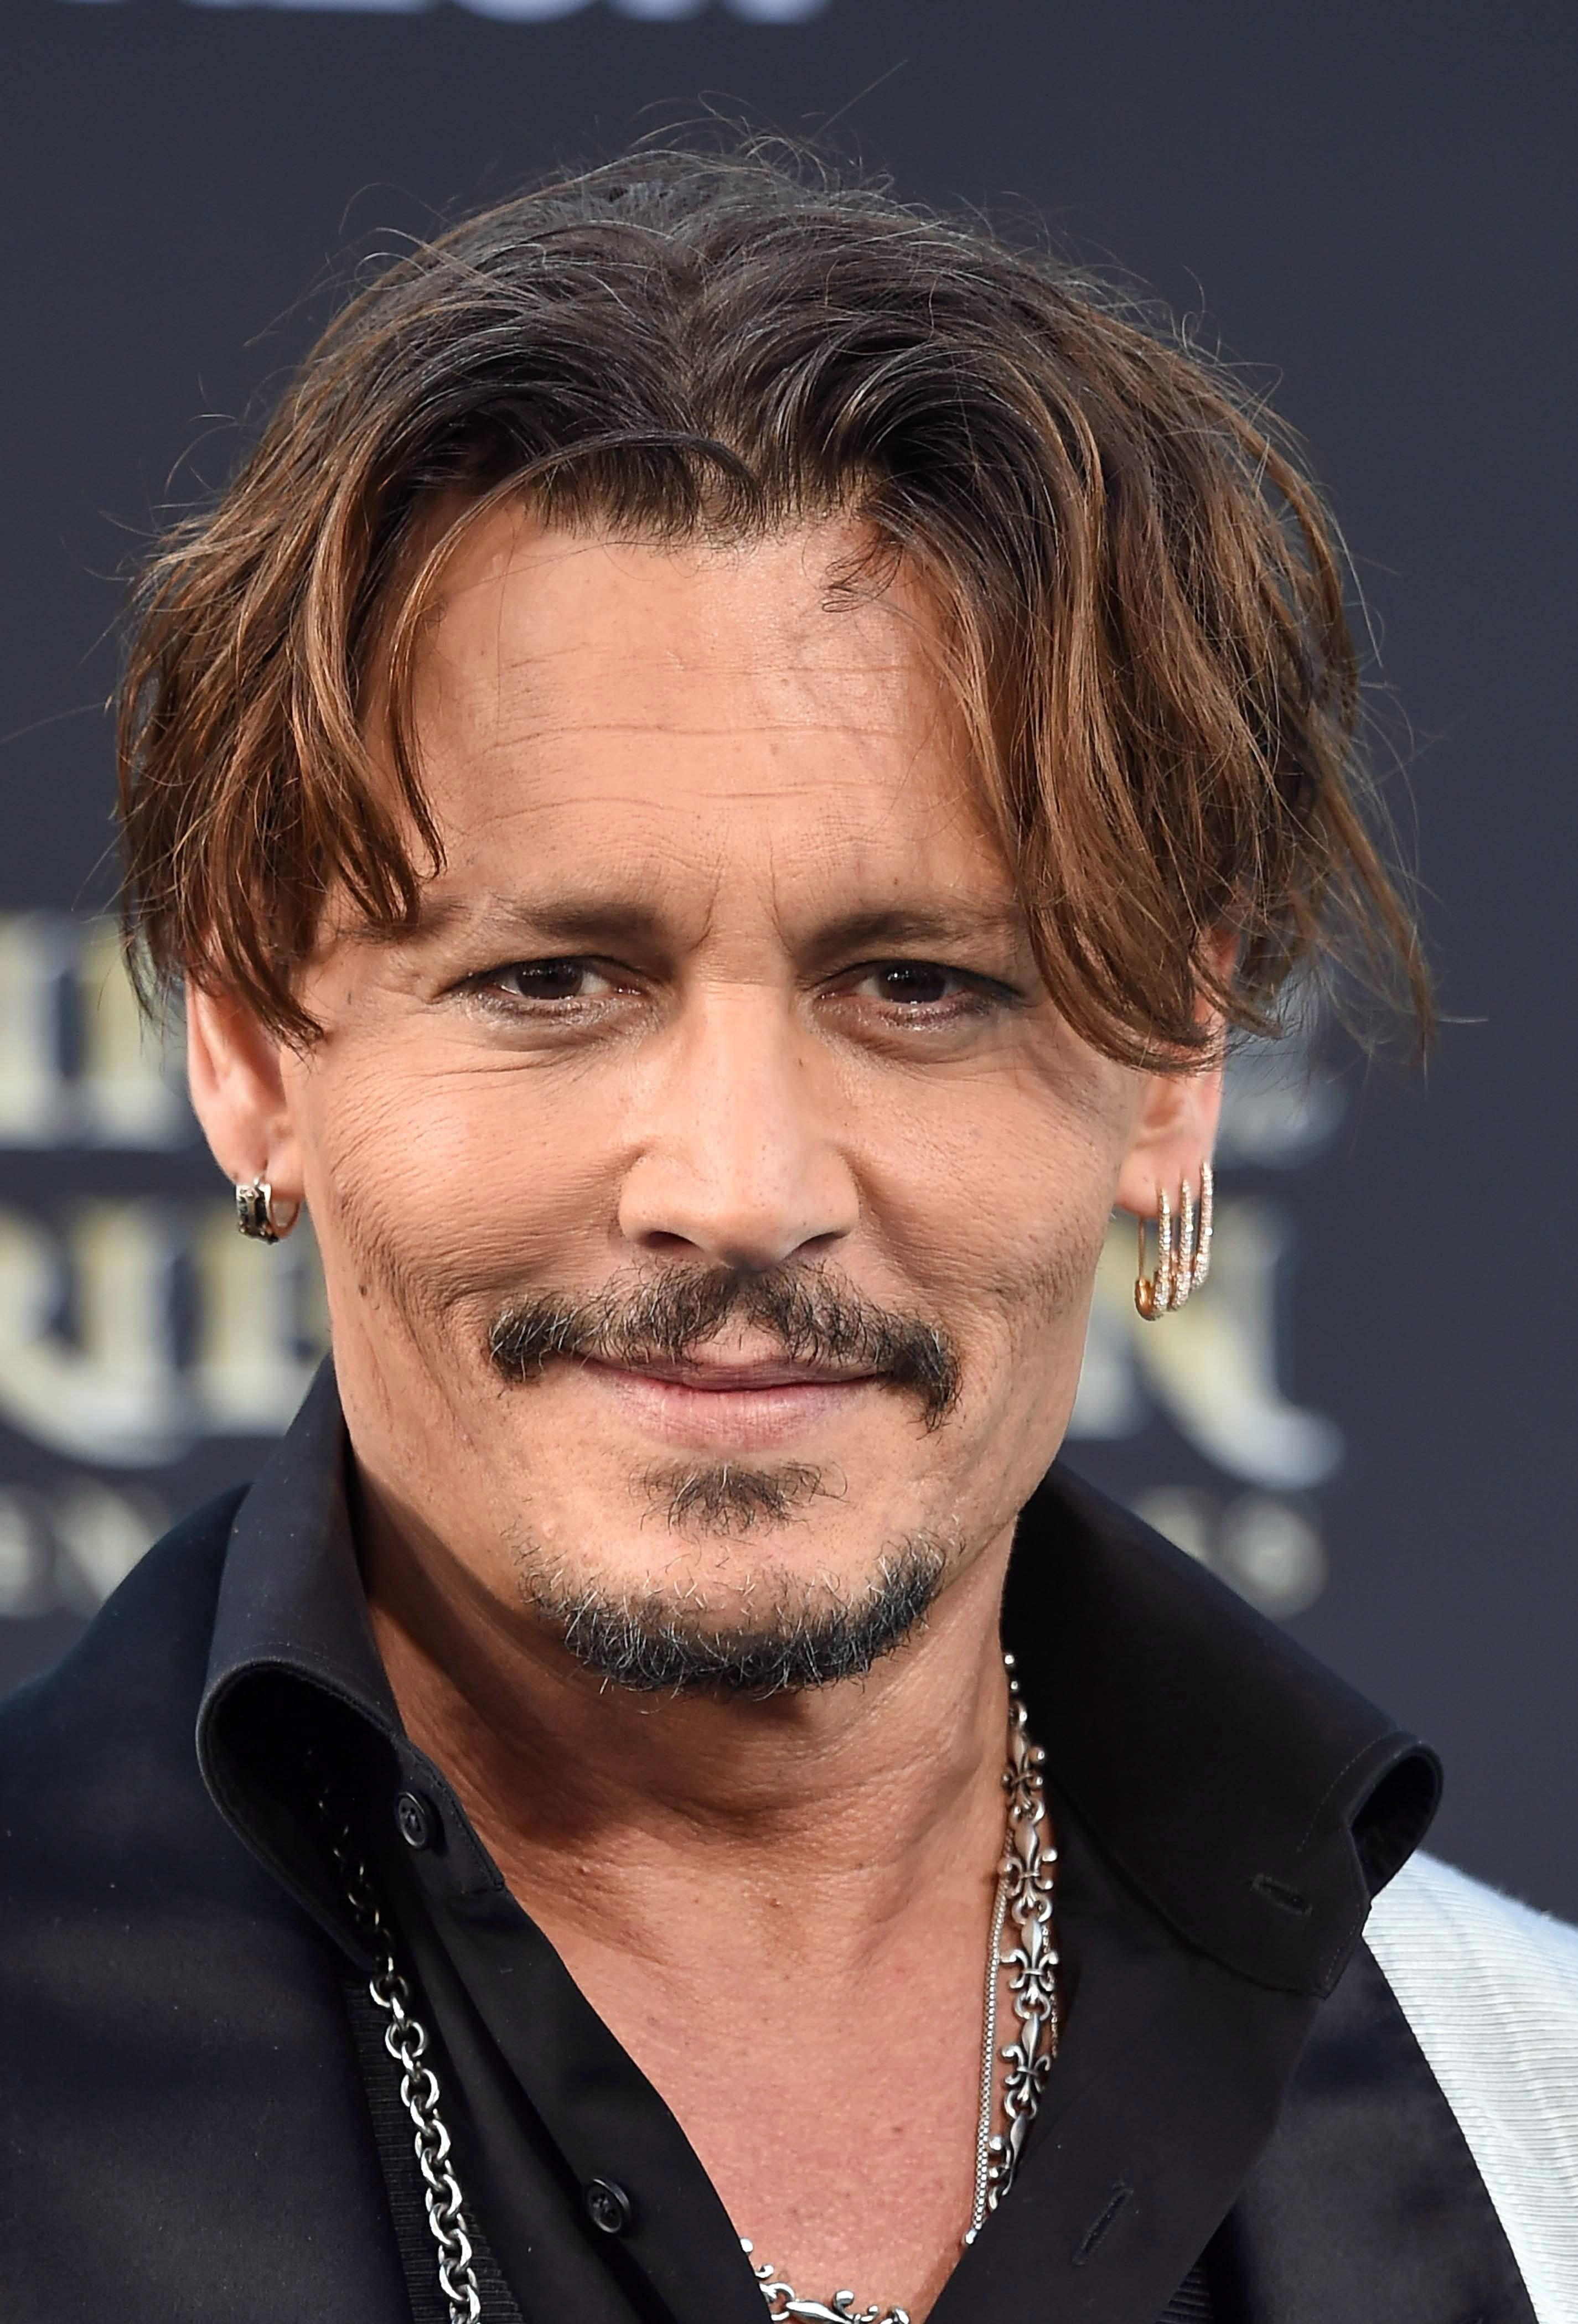 Johnny Depp's Curtain Hair